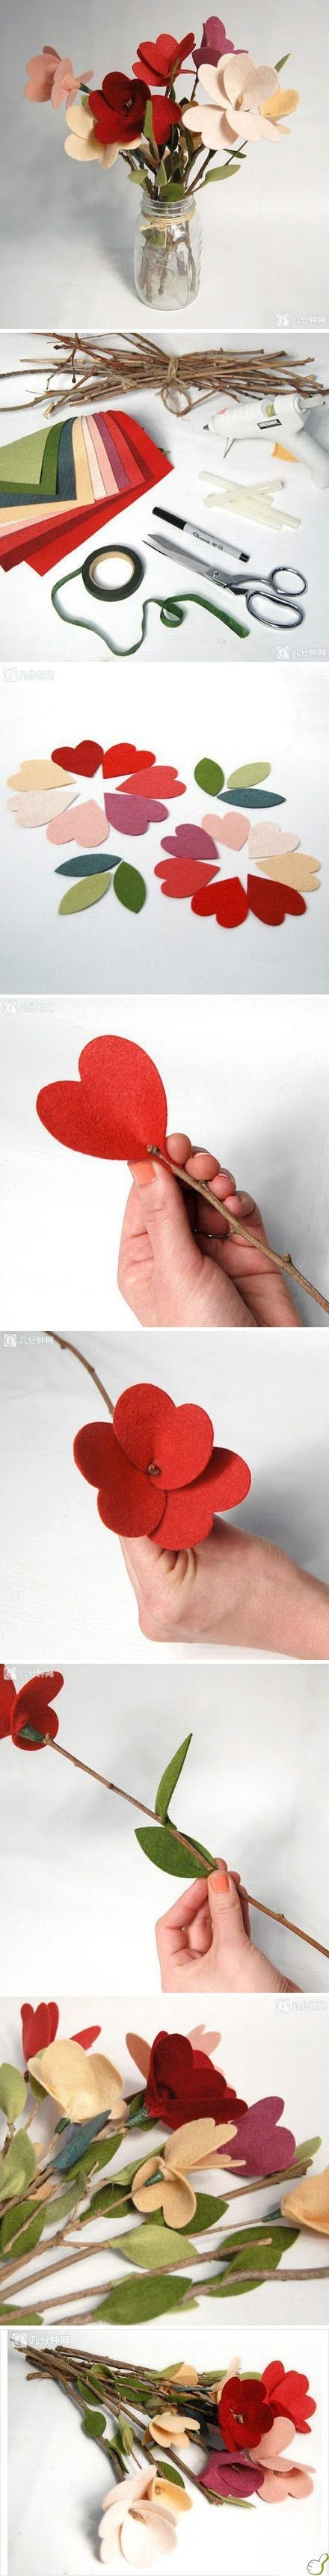 Broche de fieltro con forma de pajaro